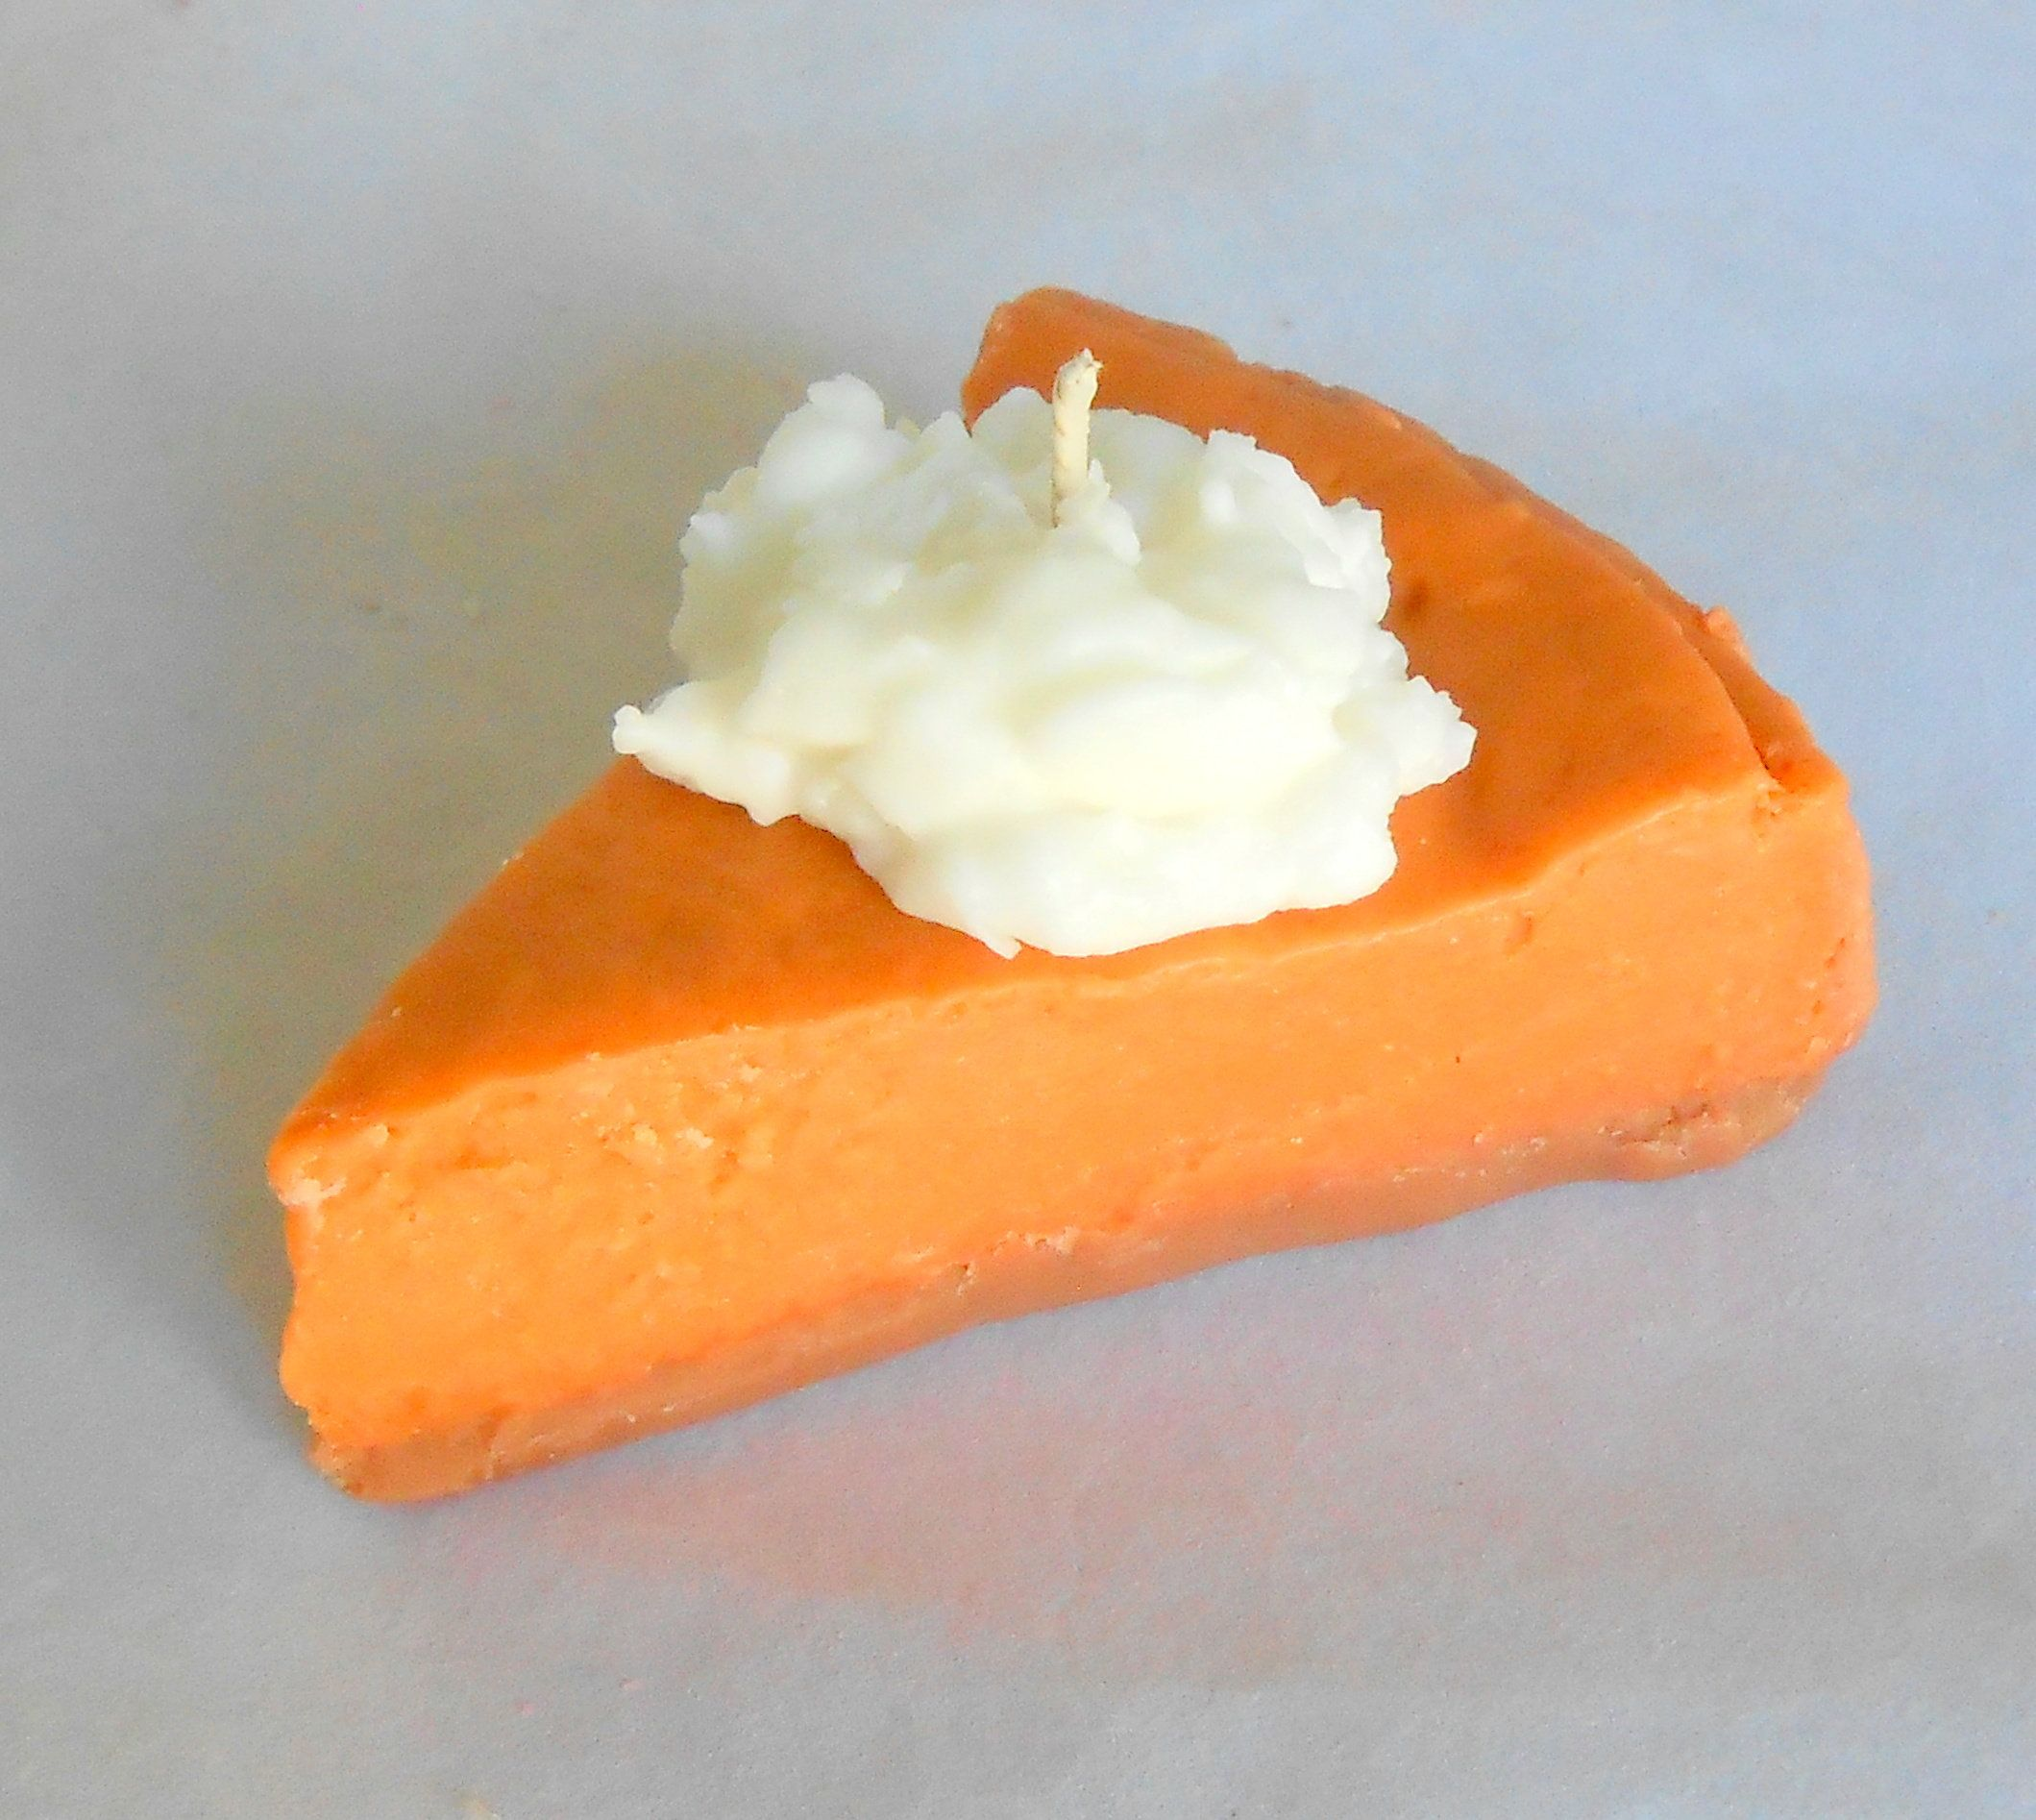 Pumpkin Pie Slice Candle Wax Pie Candle Pumpkin Spice Bakery Etsy Pumpkin Buttercream Pumpkin Pie Dessert Candles